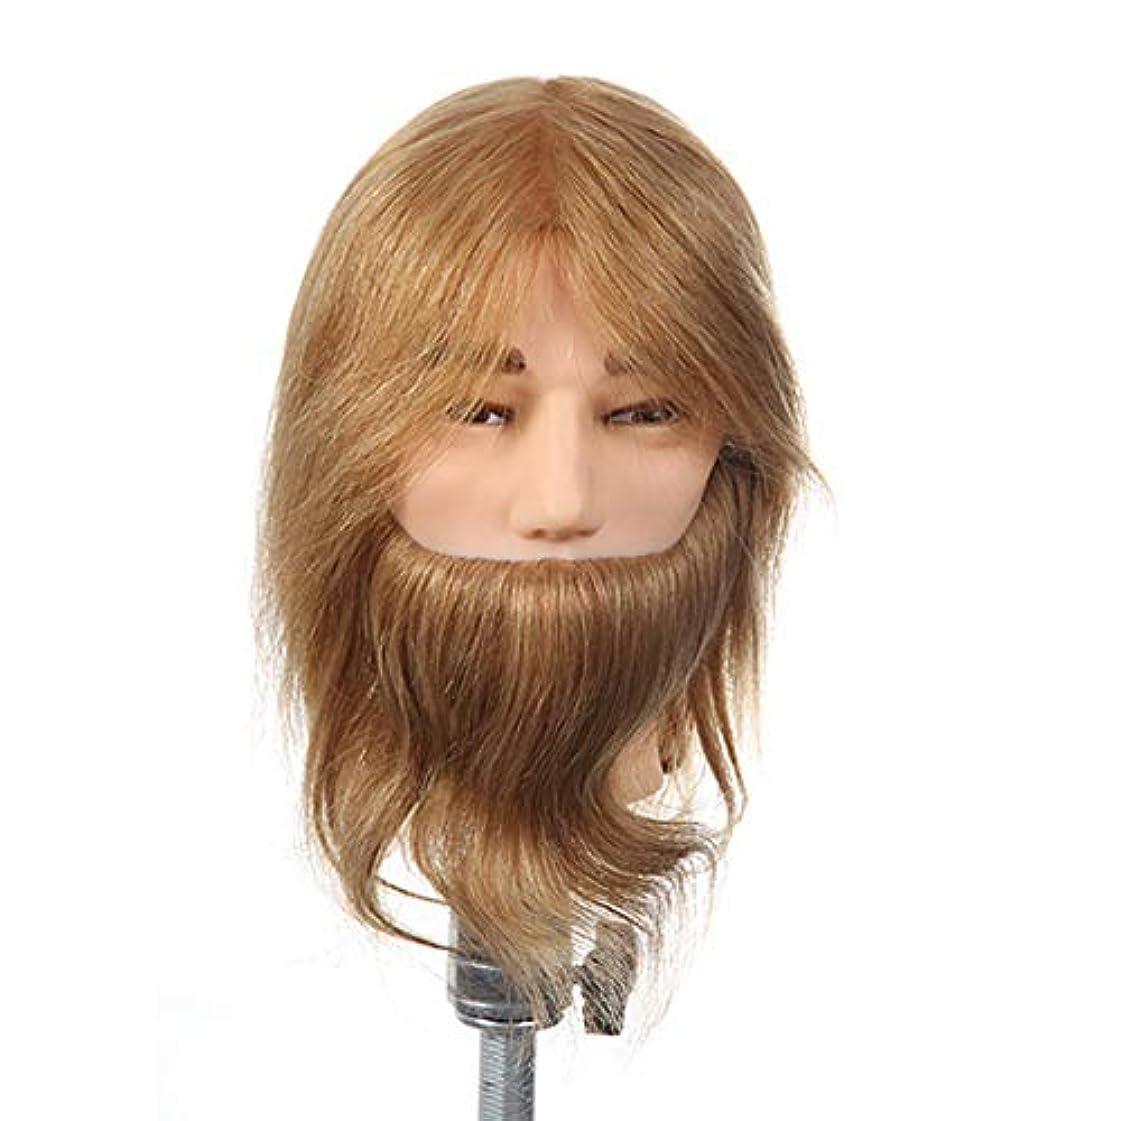 サイレン水差し発行サロン学習パーマ髪染めマネキン男スタイリングかつらティーチングヘッドリアル人間の髪ダミーヘッド付きひげロングヘアゴールド